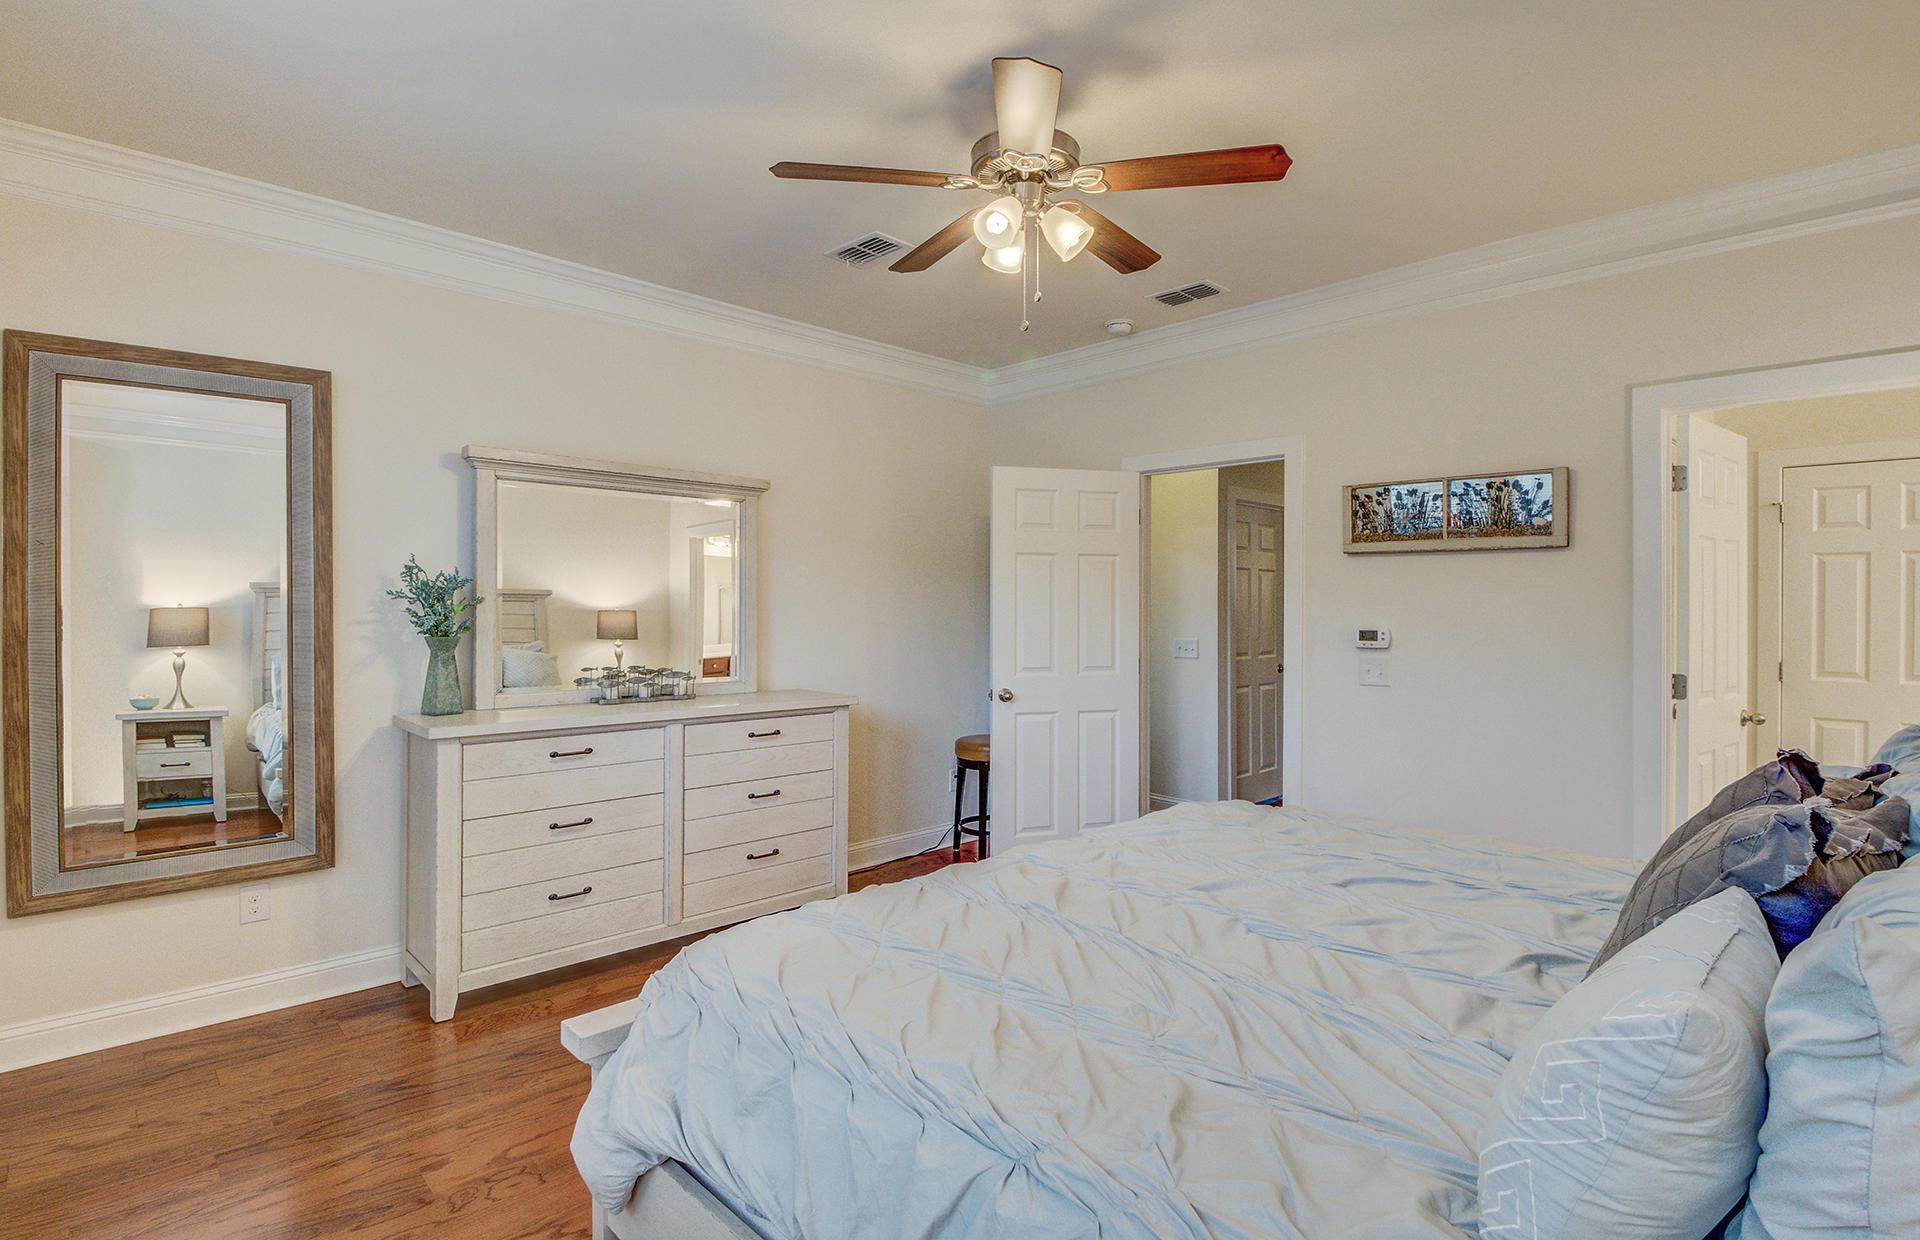 Boltons Landing Homes For Sale - 3143 Moonlight, Charleston, SC - 21